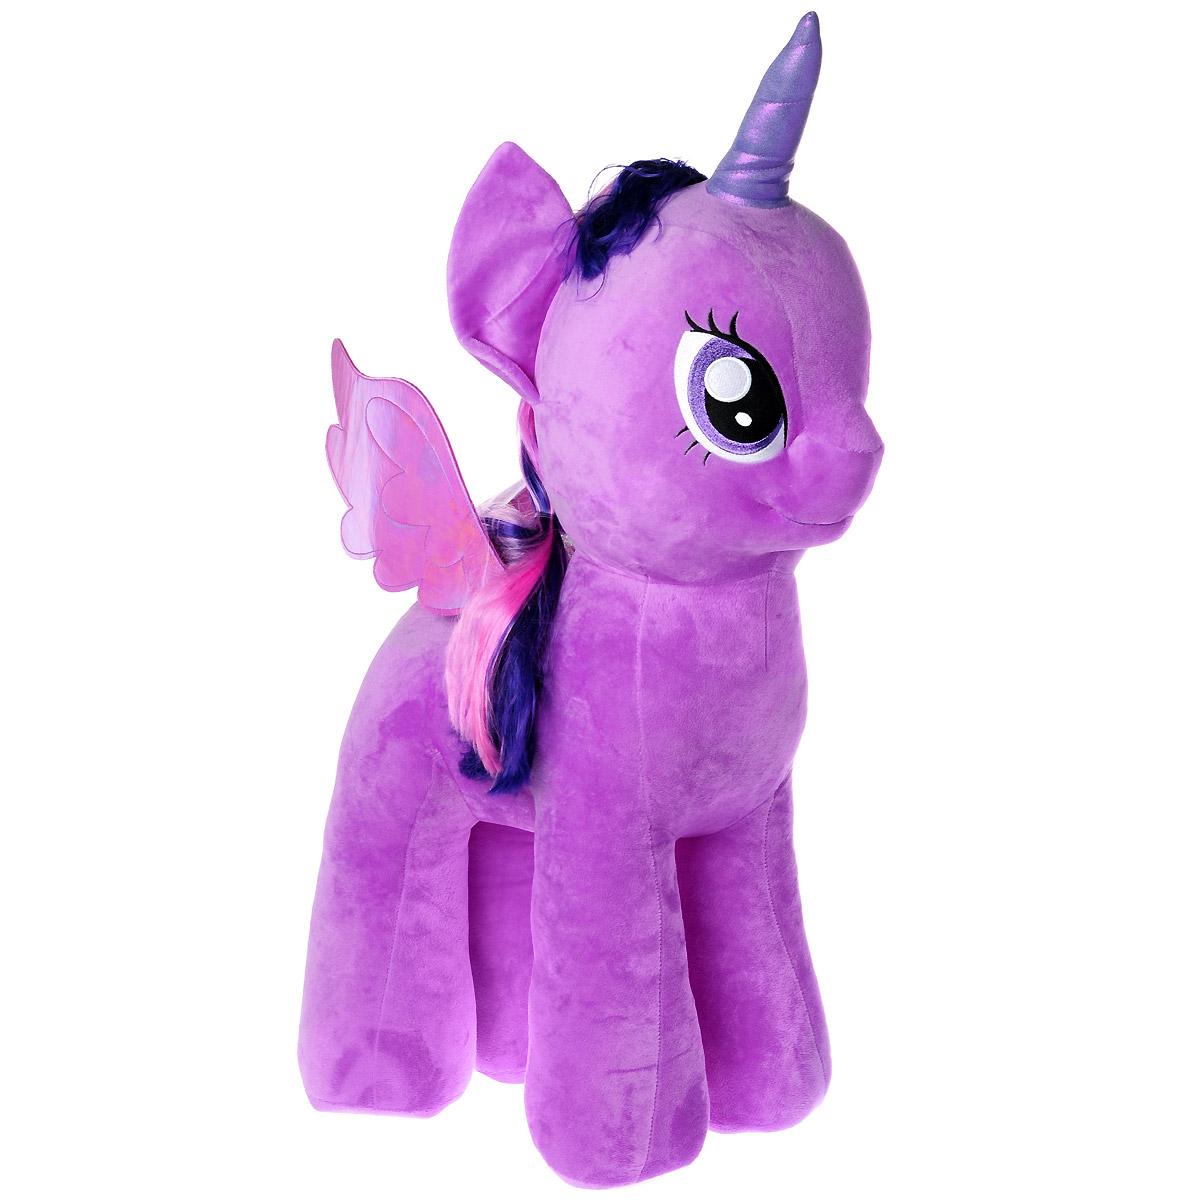 My Little Pony Мягкая игрушка Пони Twilight Sparkle, 76 см90216Мягкая игрушка Twilight Sparkle выполнена в виде очаровательной пони фиолетового цвета с длинным хвостом, гривой, волшебным рогом и переливающимися крылышками. Игрушка изготовлена из высококачественного текстильного материала с набивкой из синтепона. Грива и хвостик очаровательной пони выполнены из мягкого текстиля, их можно заплетать и расчесывать. Игрушка имеет специальные уплотнения в ногах, что позволяет ей стоять самостоятельно, без опоры. Как и все игрушки серии Beanie Buddy, она изготовлена вручную, с любовью и вниманием к деталям. Твайлайт Спаркл - главная героиня сериала, одаренная пони, которая приехала в Понивилль, чтобы найти друзей. Она так сильно любит читать, что даже живет в библиотеке. Удивительно мягкая игрушка принесет радость и подарит своему обладателю мгновения нежных объятий и приятных воспоминаний. Великолепное качество исполнения делают эту игрушку чудесным подарком к любому празднику.